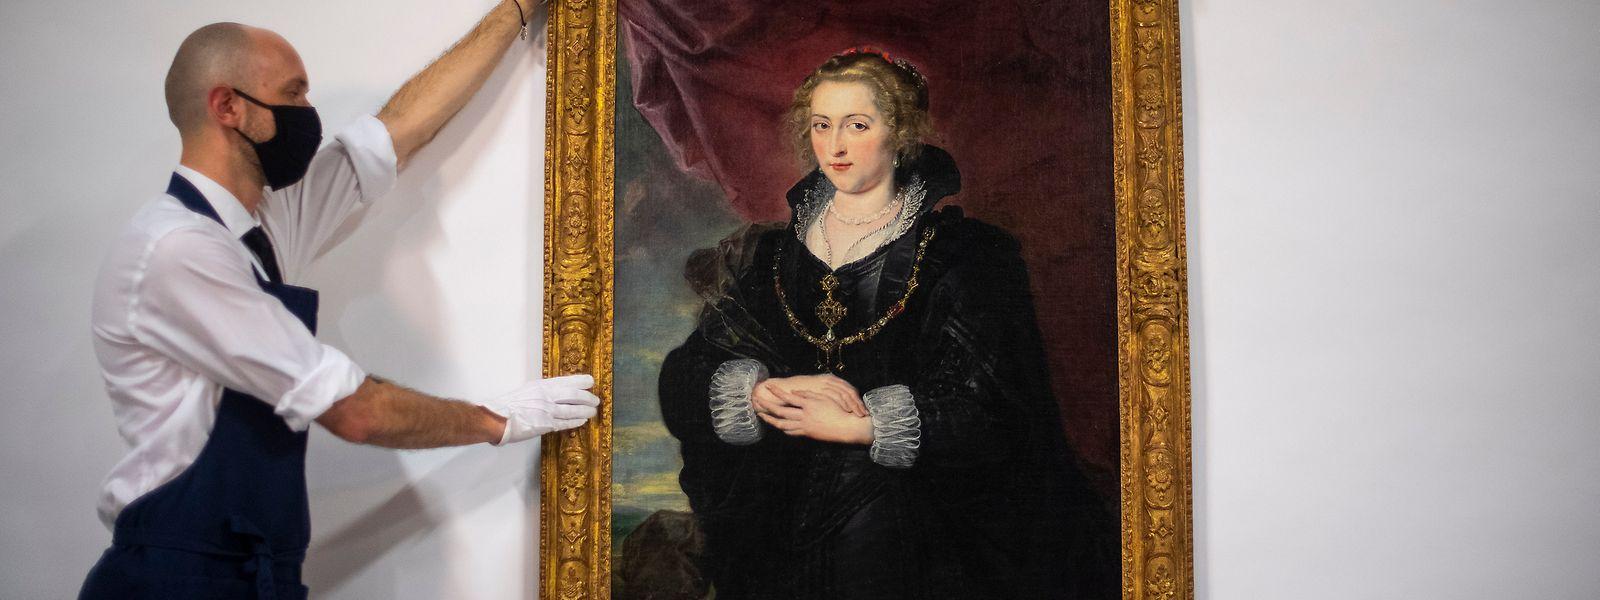 Der Wert des Gemäldes wird auf 2 bis 3 Millionen britische Pfund (ca. 3.320.000 Euro) geschätzt.